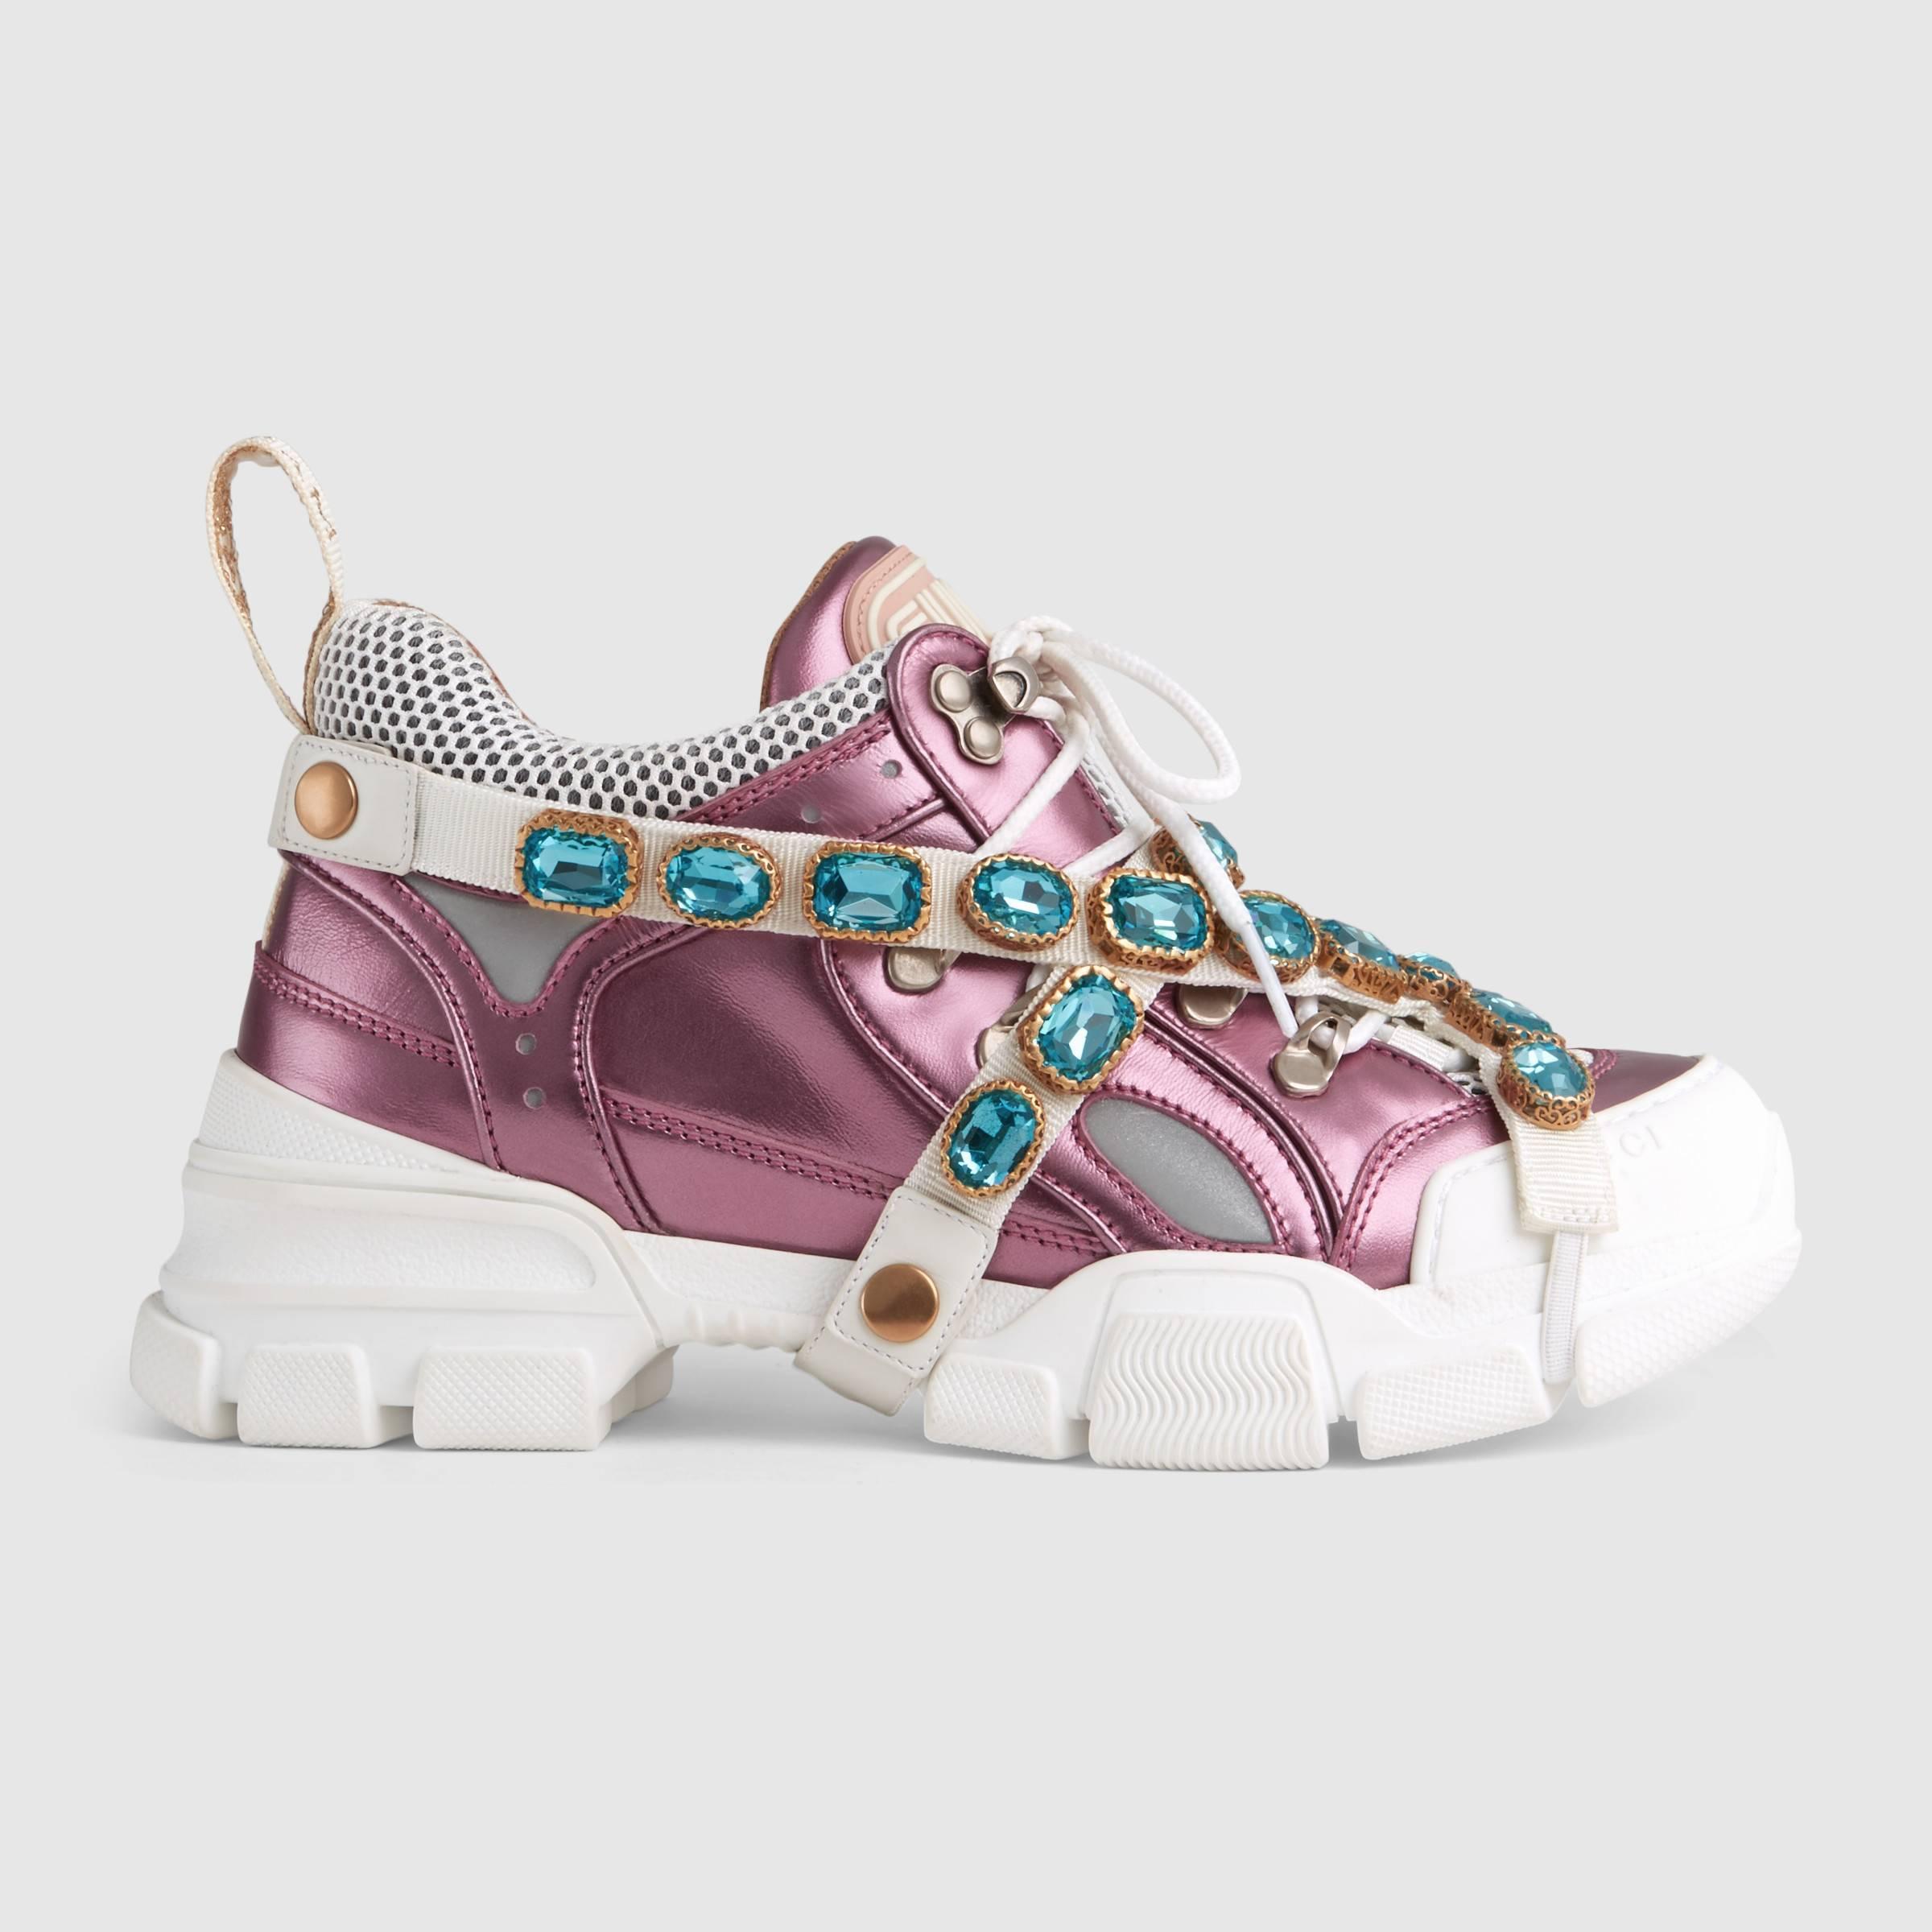 Scarpe da ginnastica Gucci con cristalli staccabili a 1200 euro autunno inverno 2018 2019